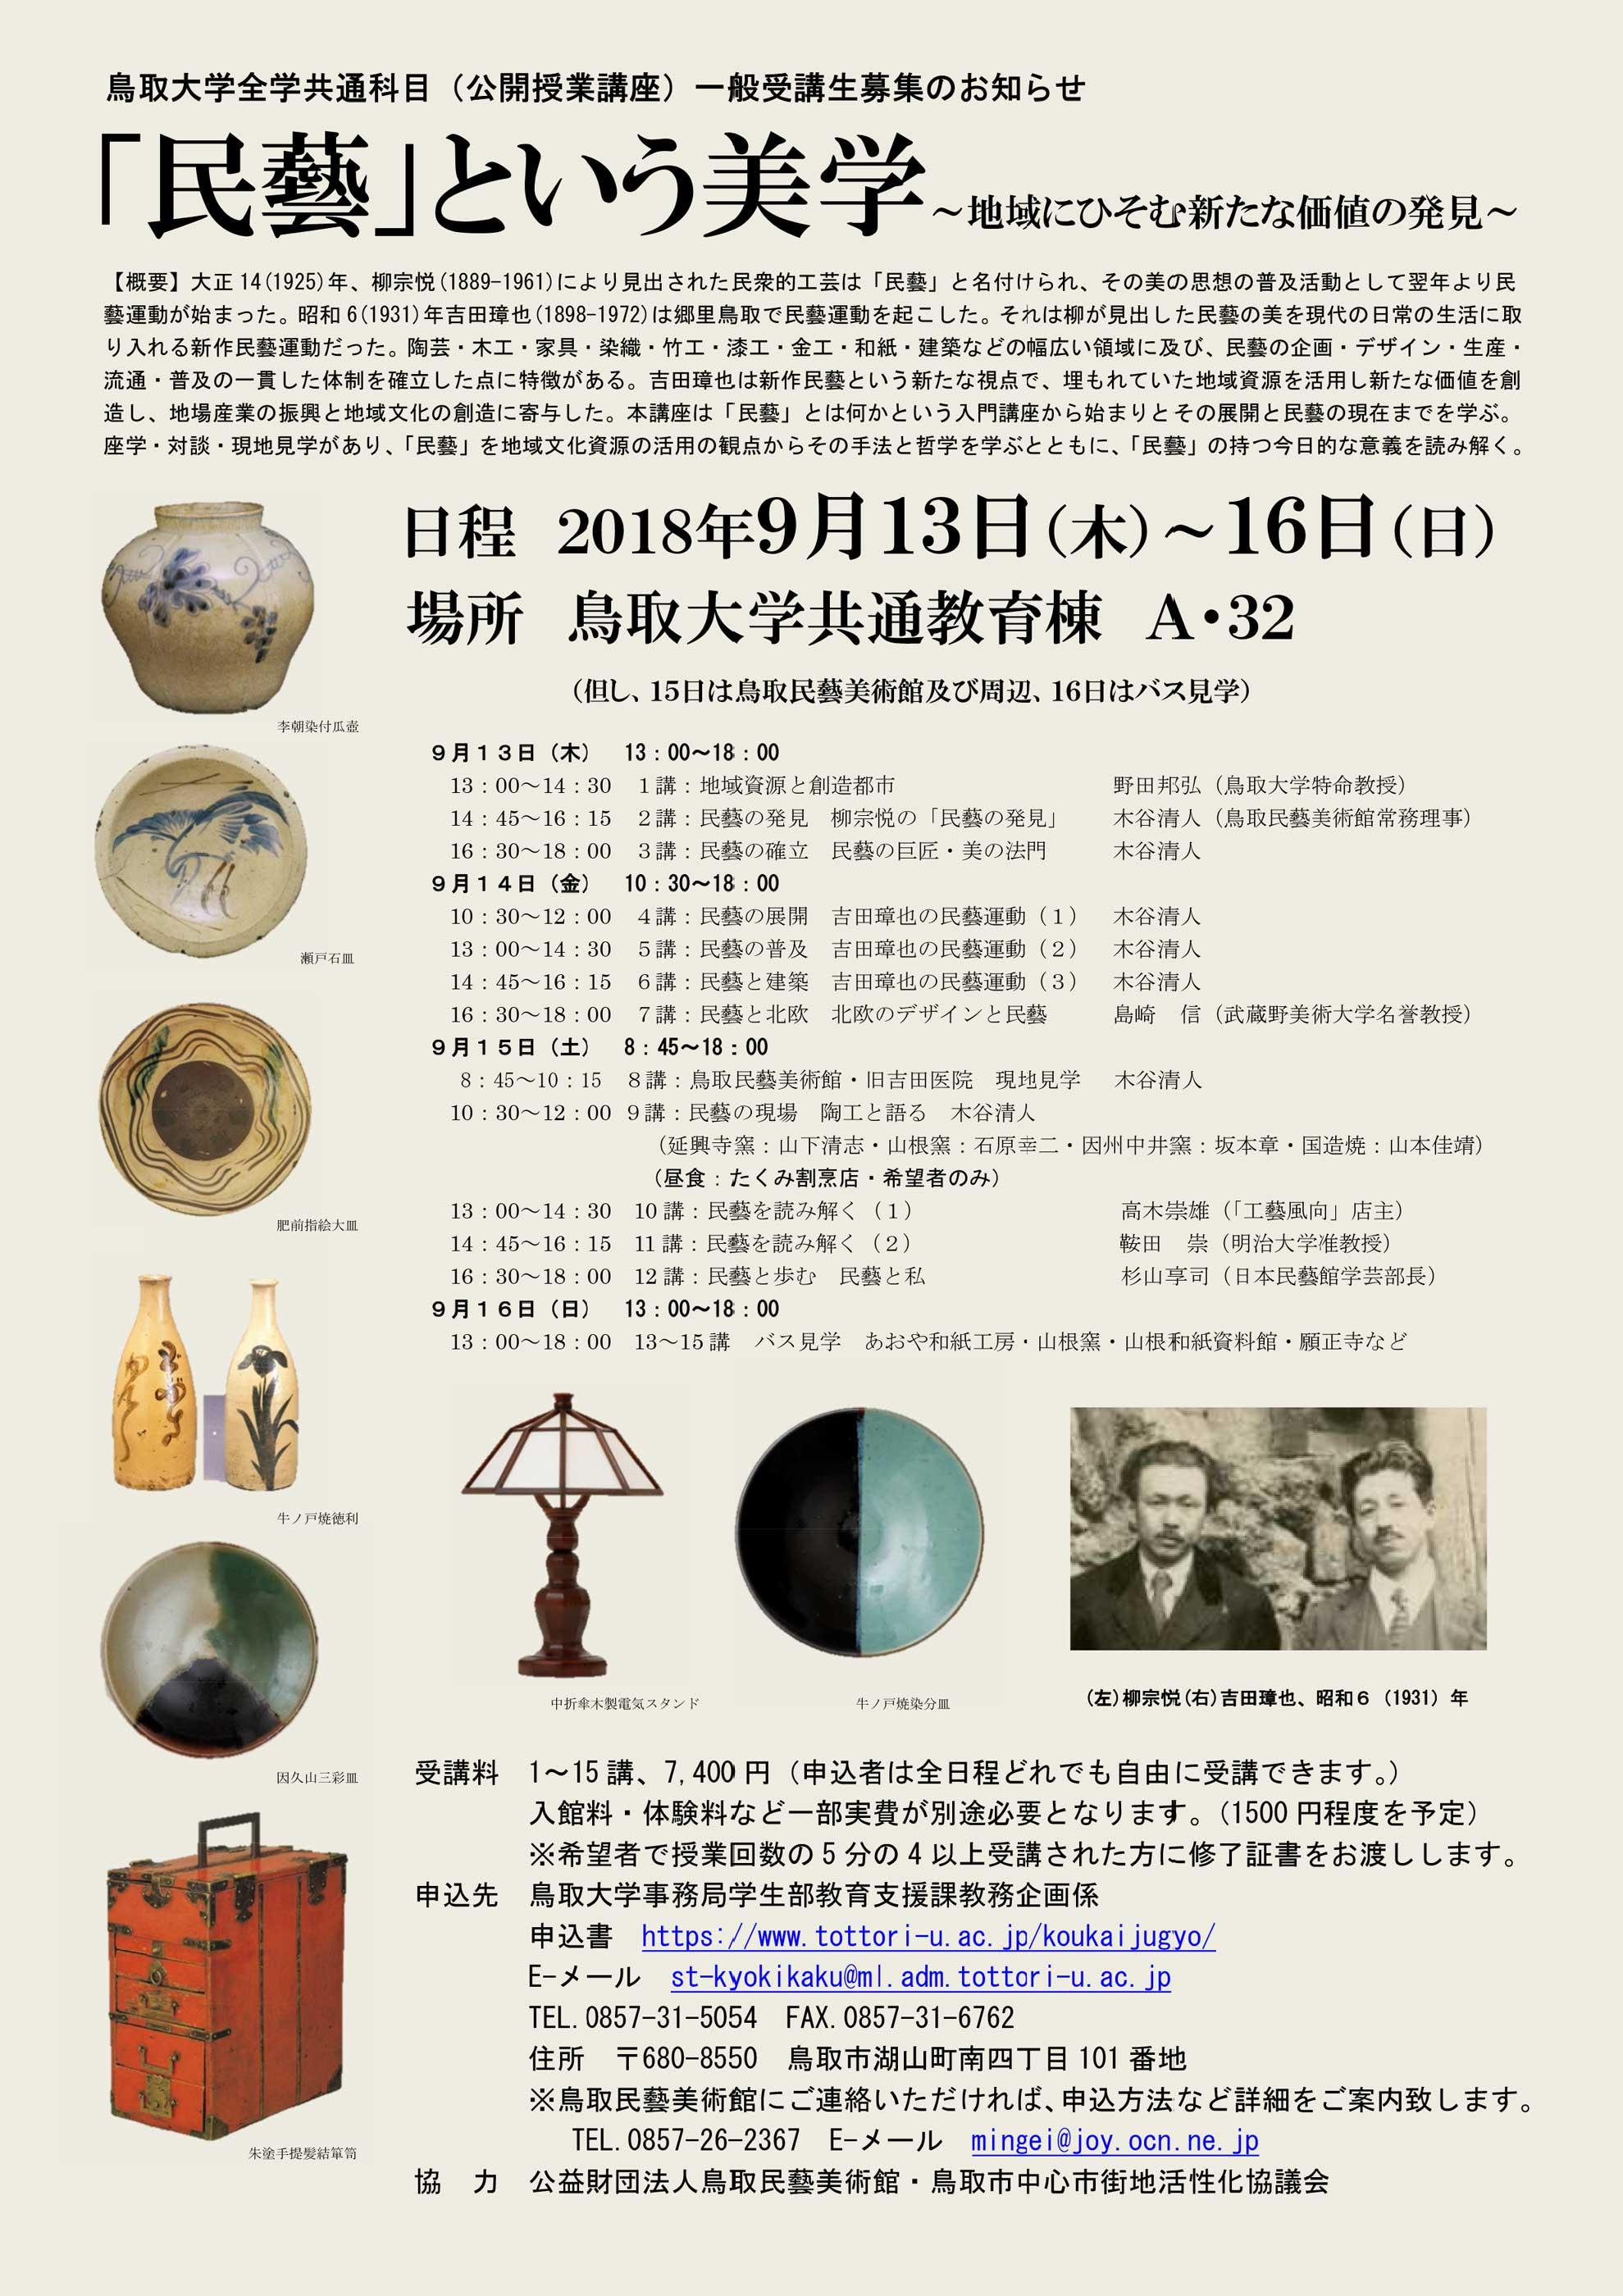 鳥取大学公開授業講座「民藝」という美学~地域にひそむ新たな価値の発見~